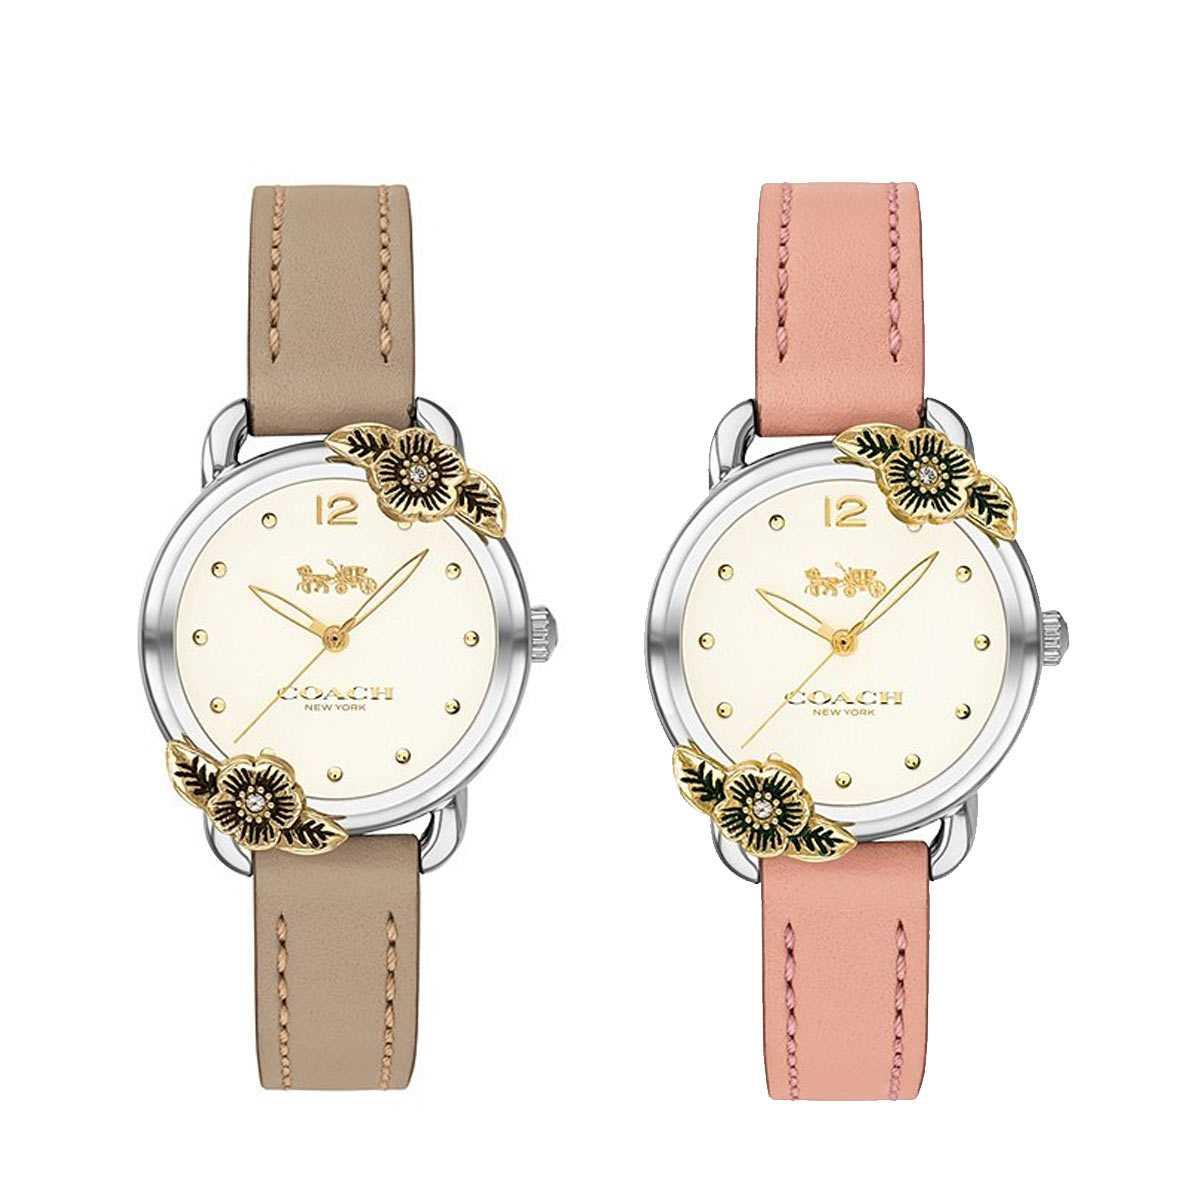 コーチ 腕時計 ※アウトレット品 レディース ブランド 時計 かわいい 後払い おしゃれ 女性 正規店 Delancey デランシー COACH